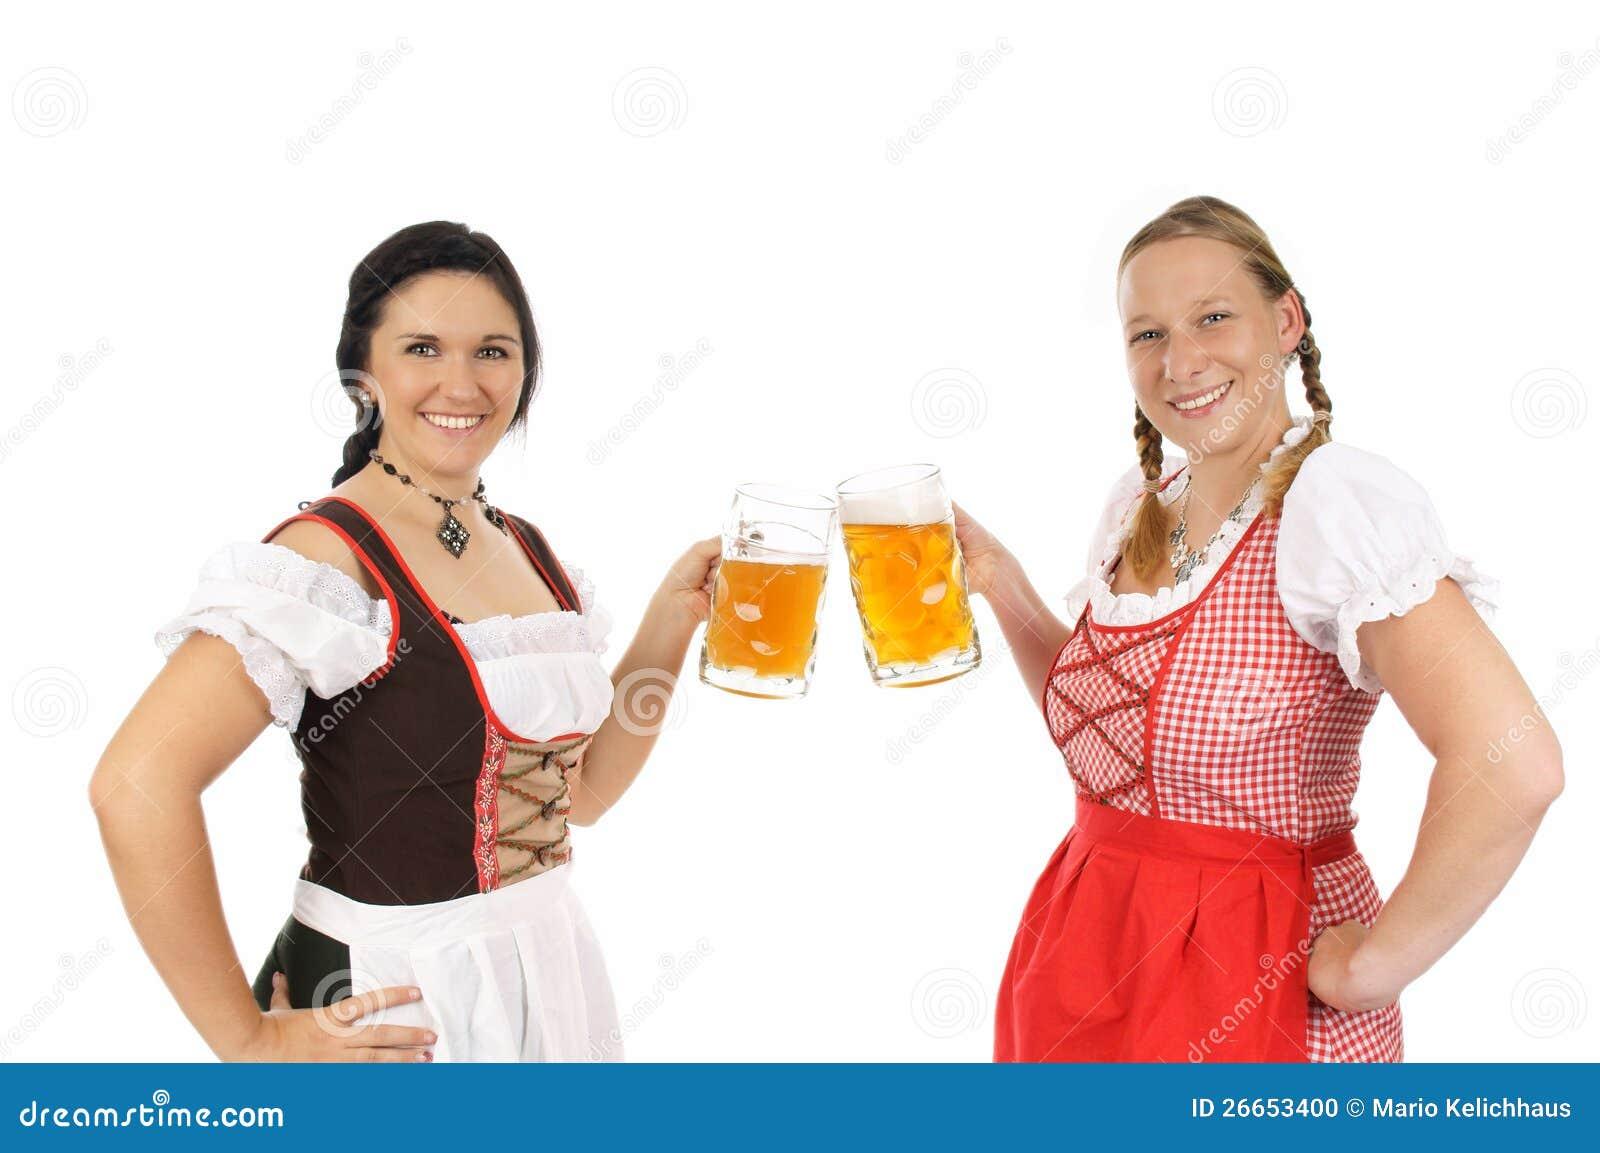 München-Bierfestival